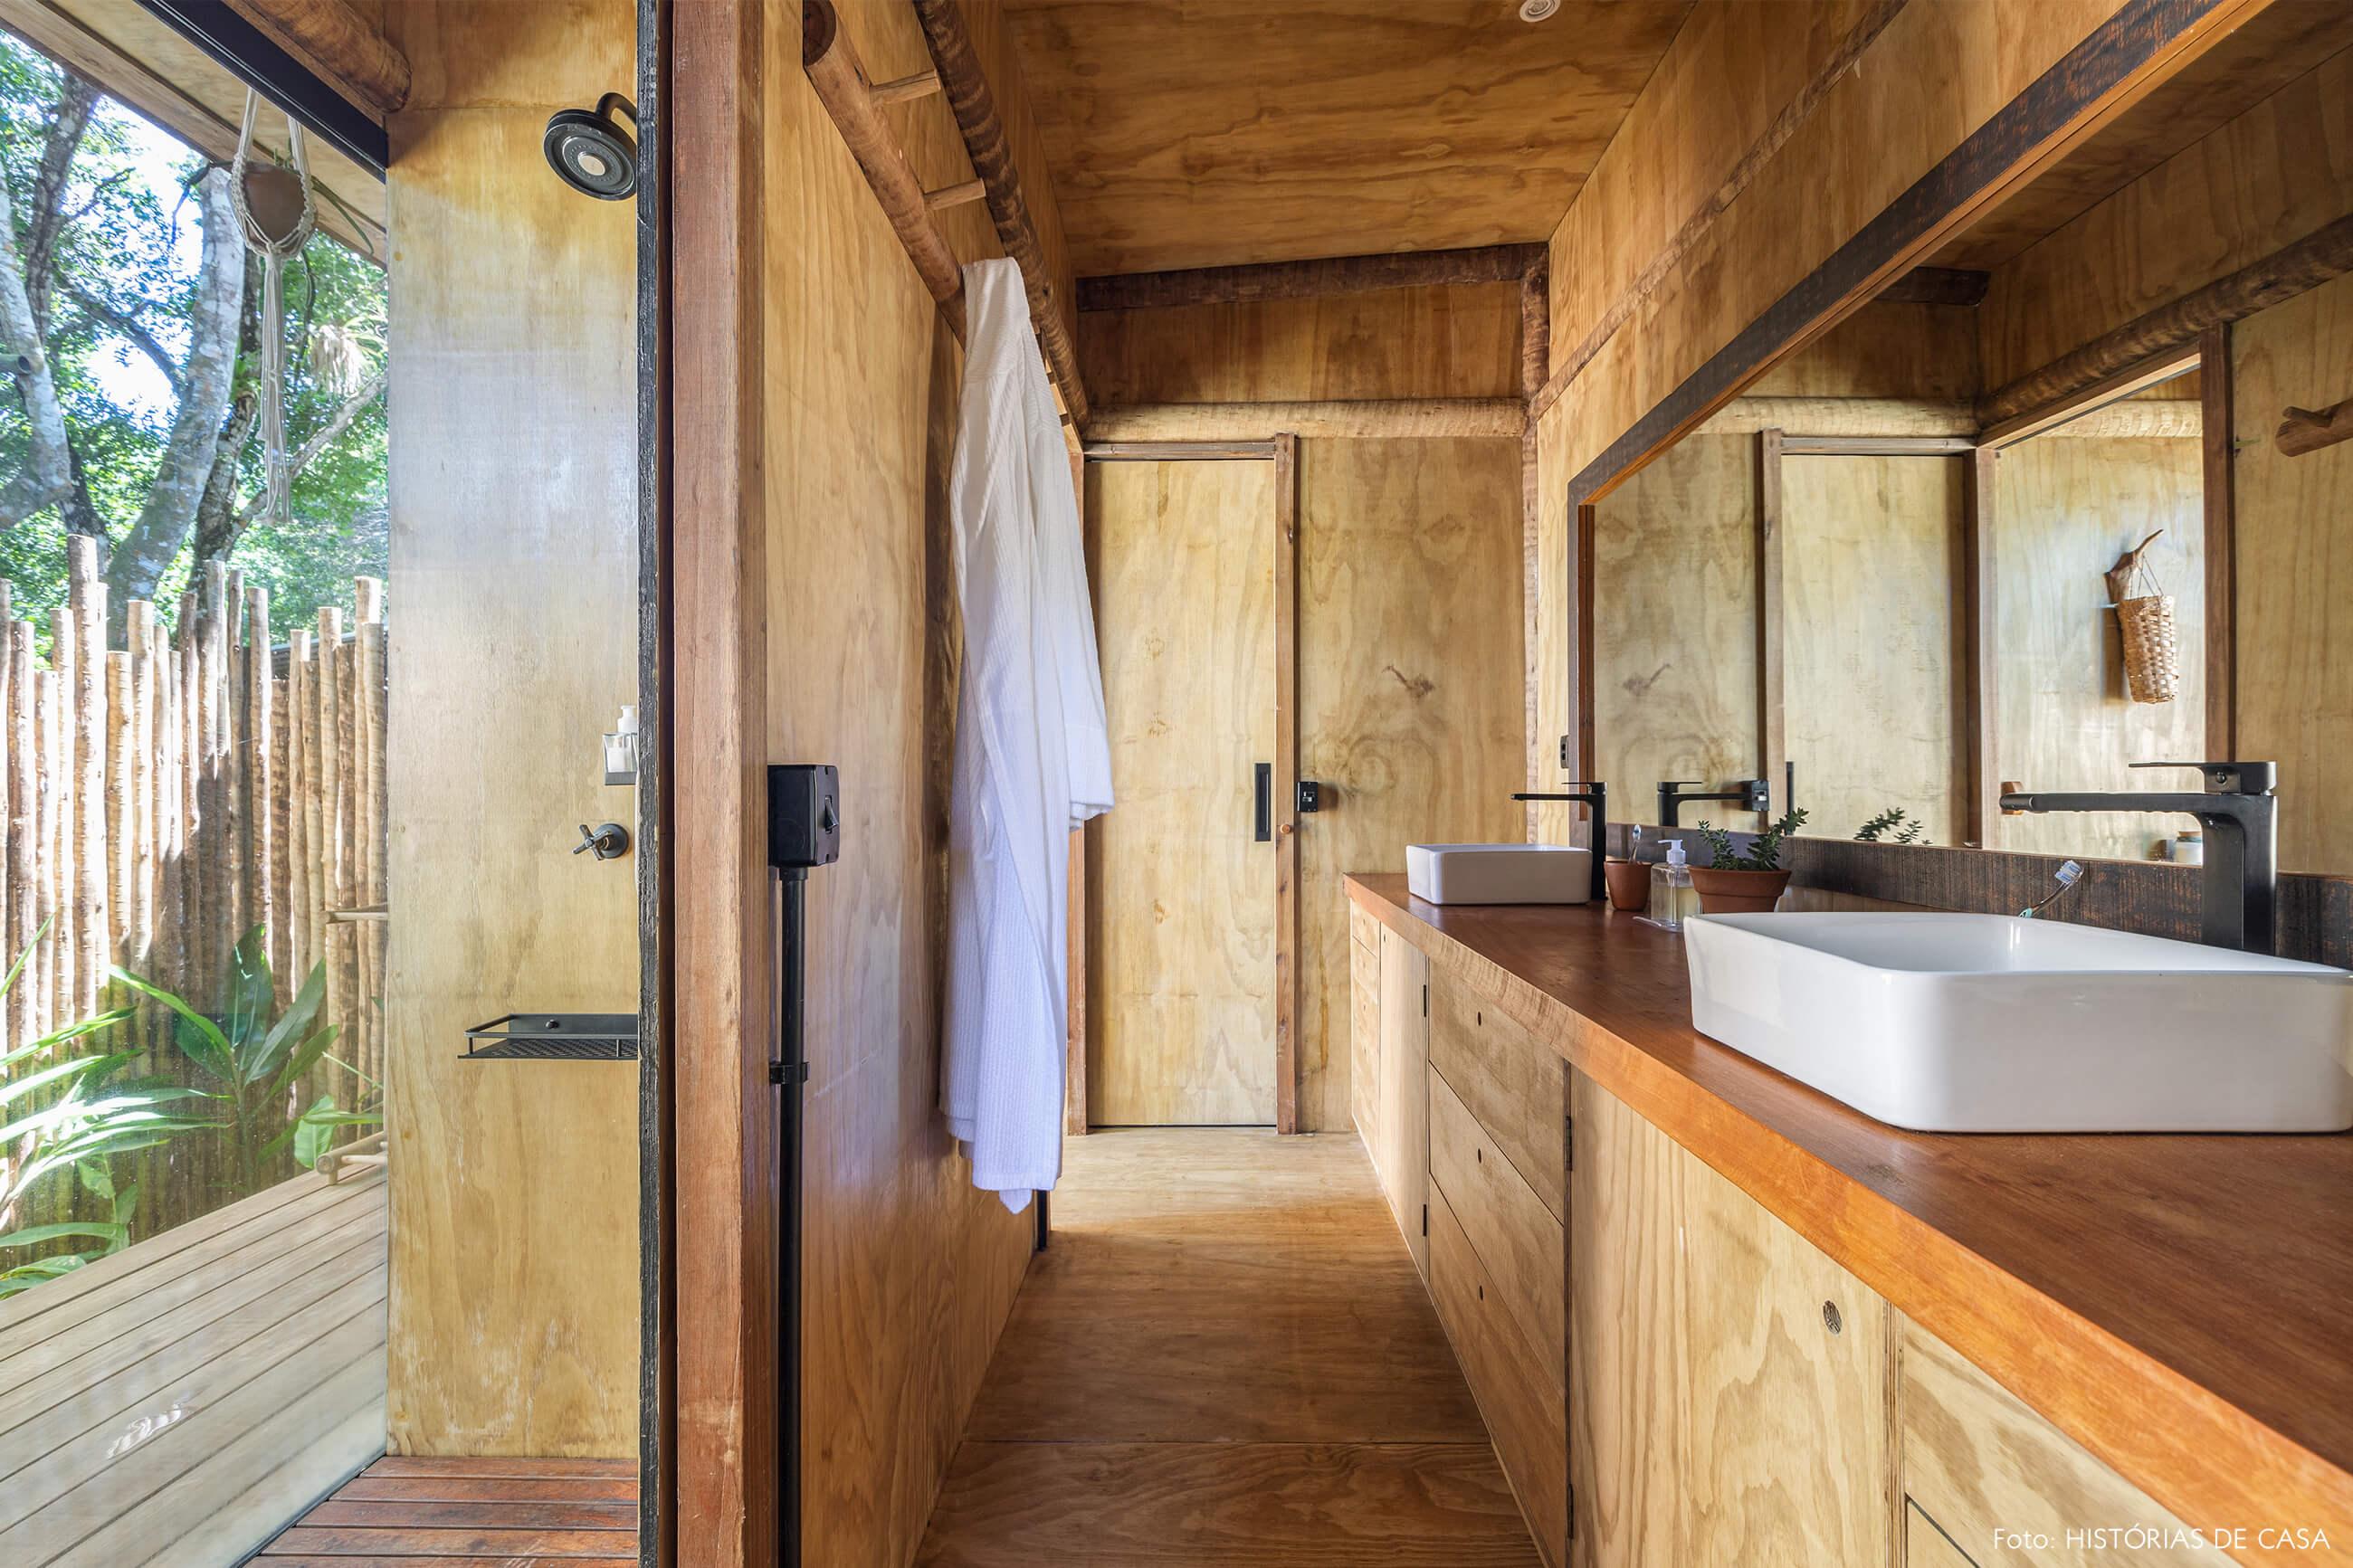 trancoso-decoracao-hotel-villase7e-34-banheiro-parede-piso-teto-madeira-jardim-macrame